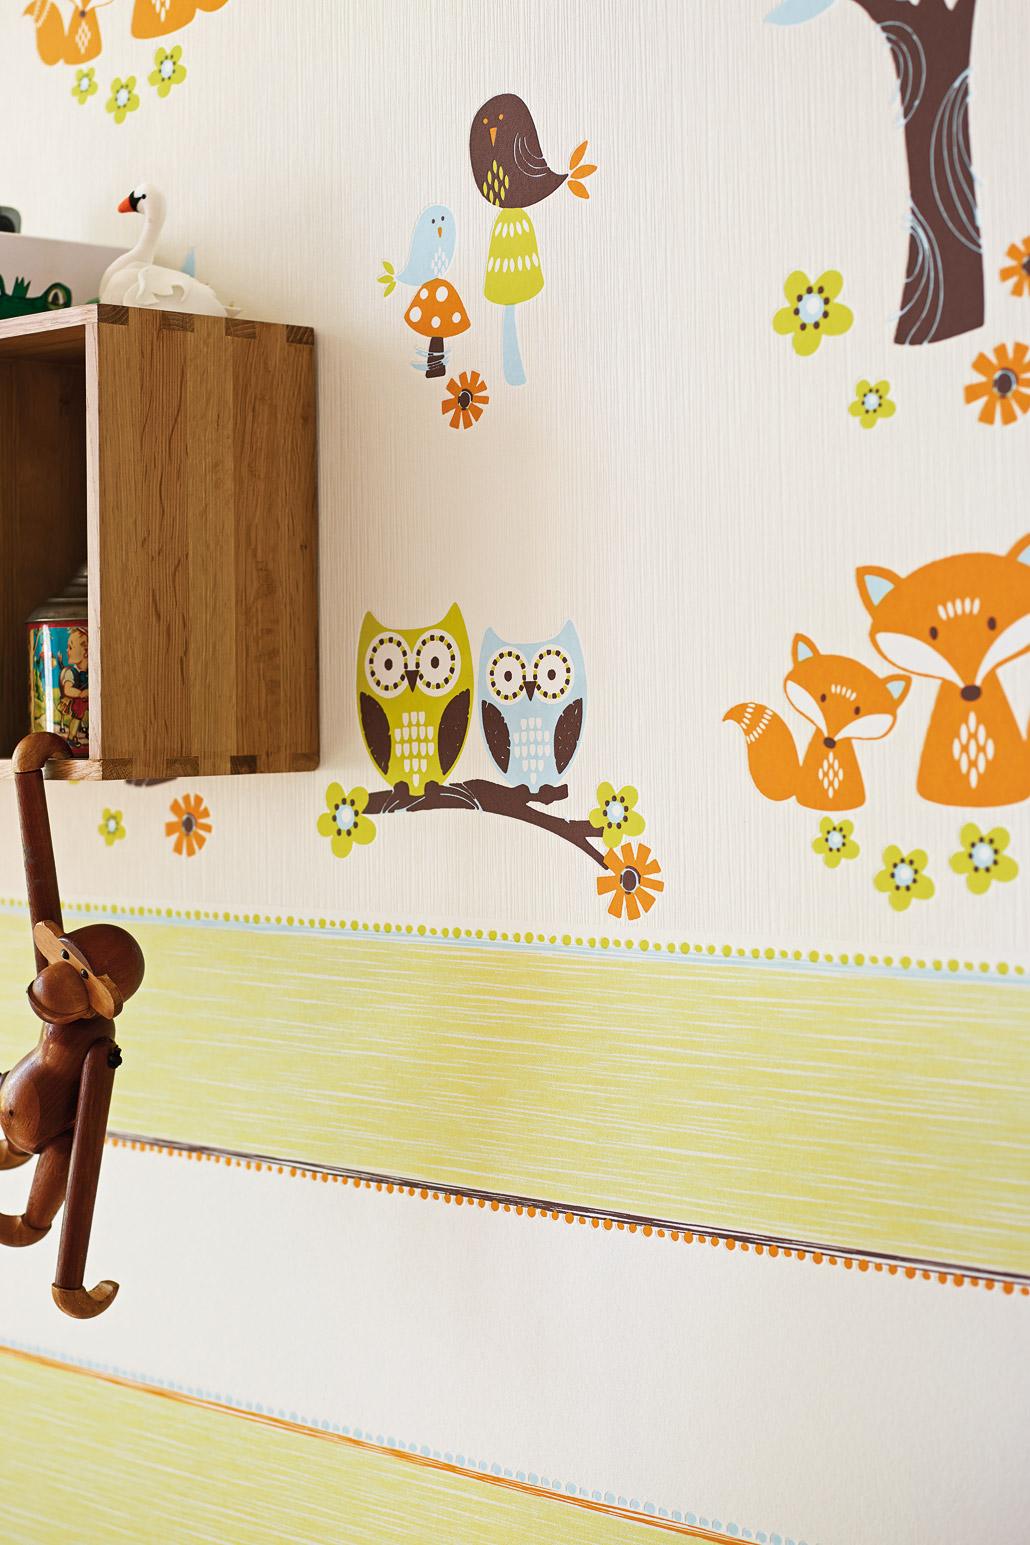 Eulen und Füchse im Kinderzimmer - BerlinFreckles • Reiseblog ...